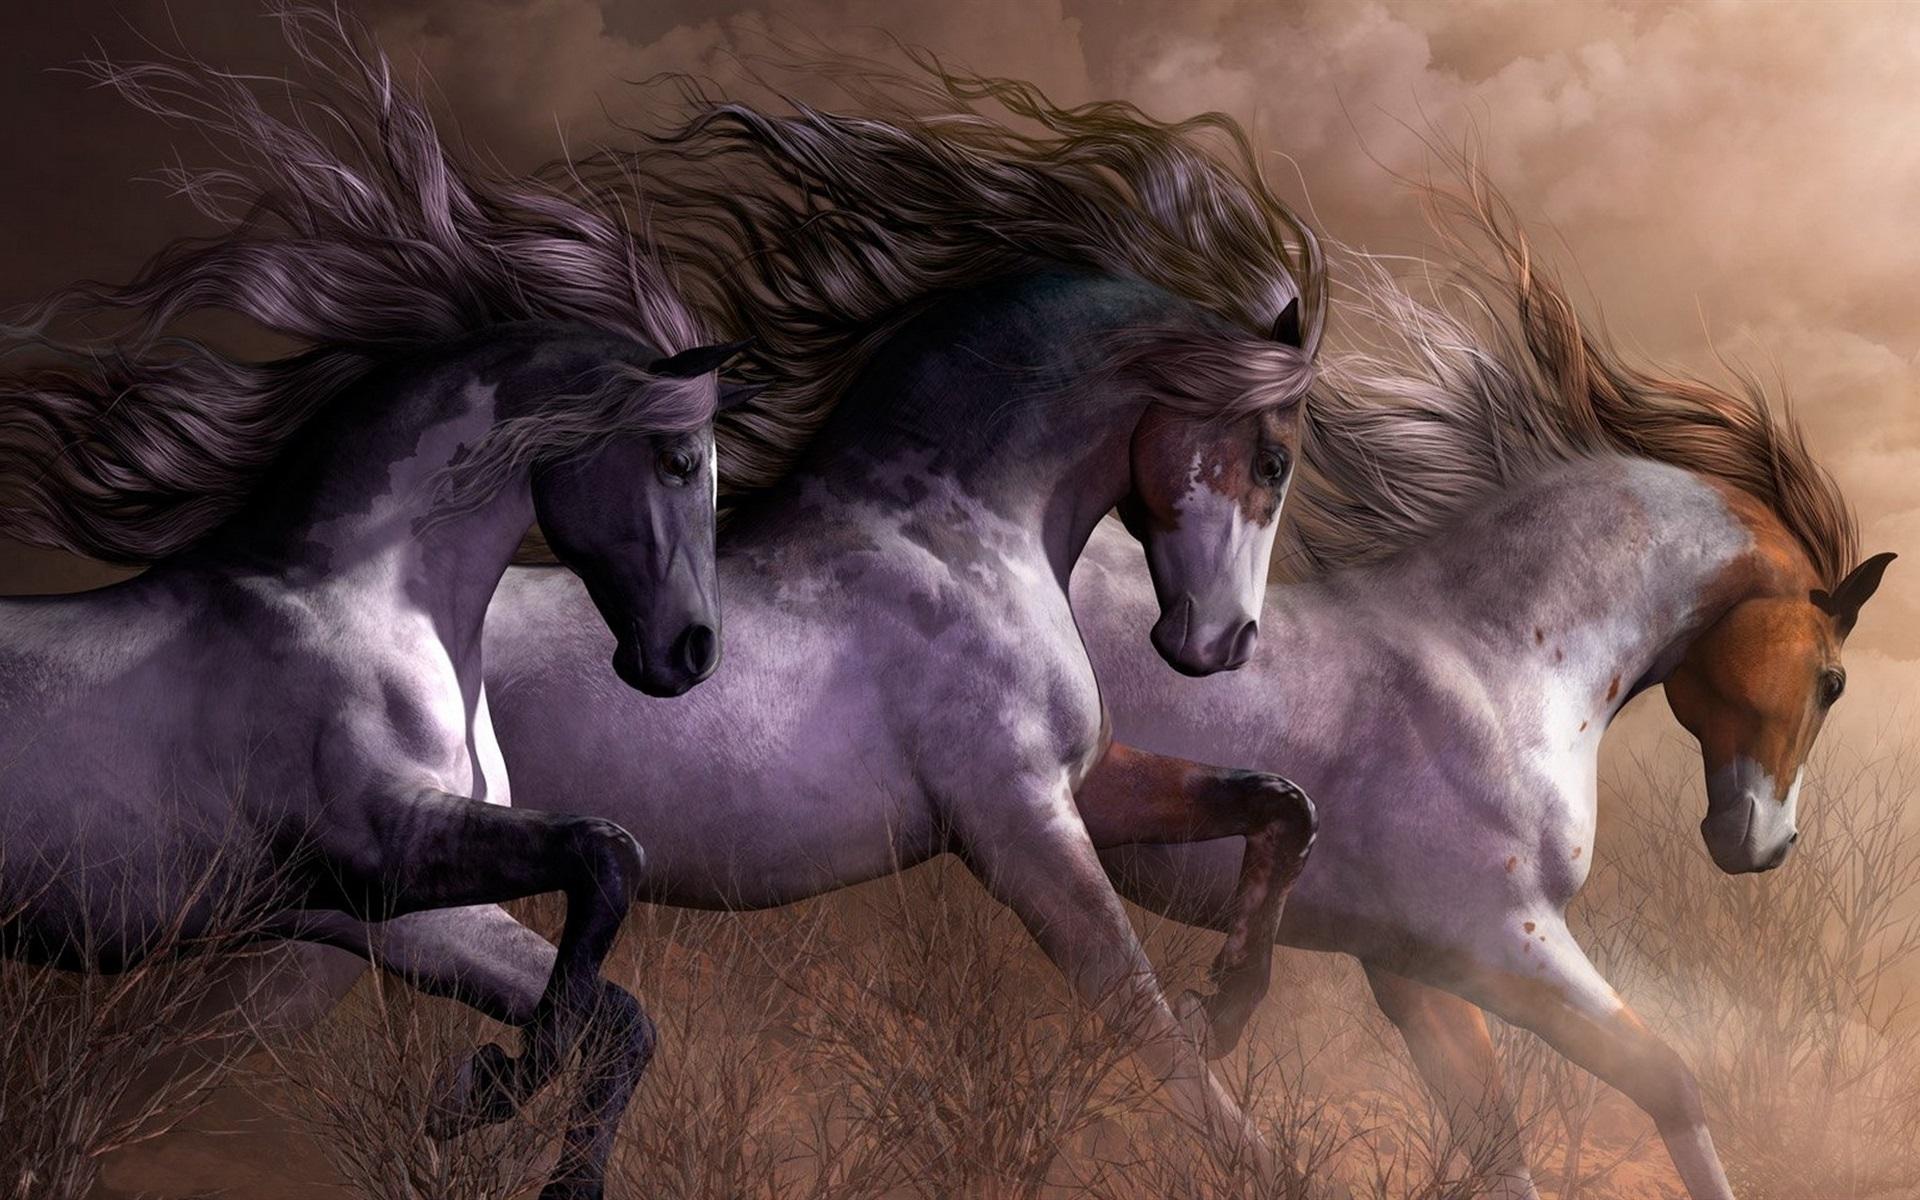 рисунок графика лошадь природа животные figure graphics horse nature animals  № 3925686 бесплатно